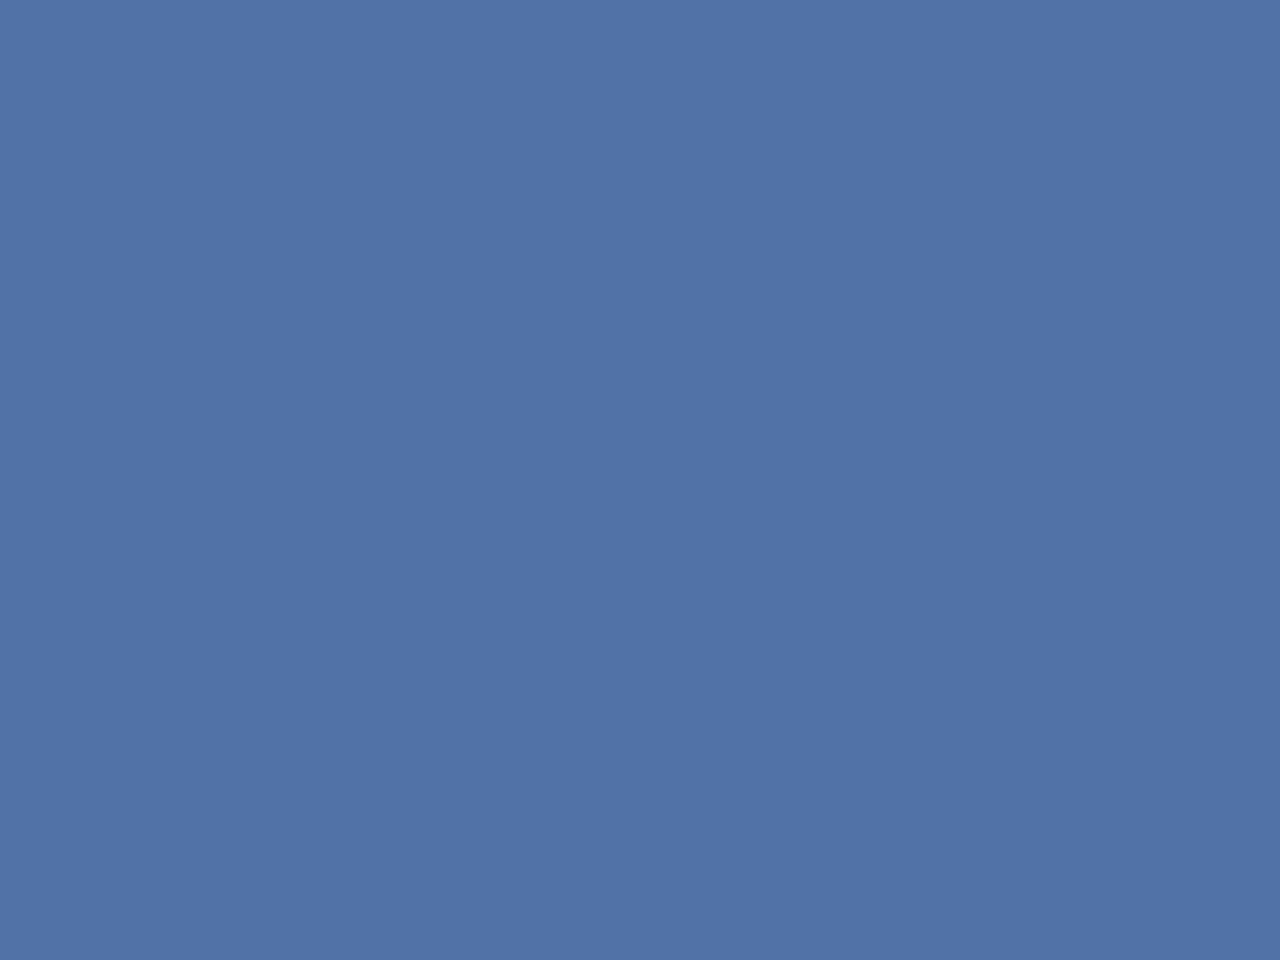 1280x960 Blue Yonder Solid Color Background